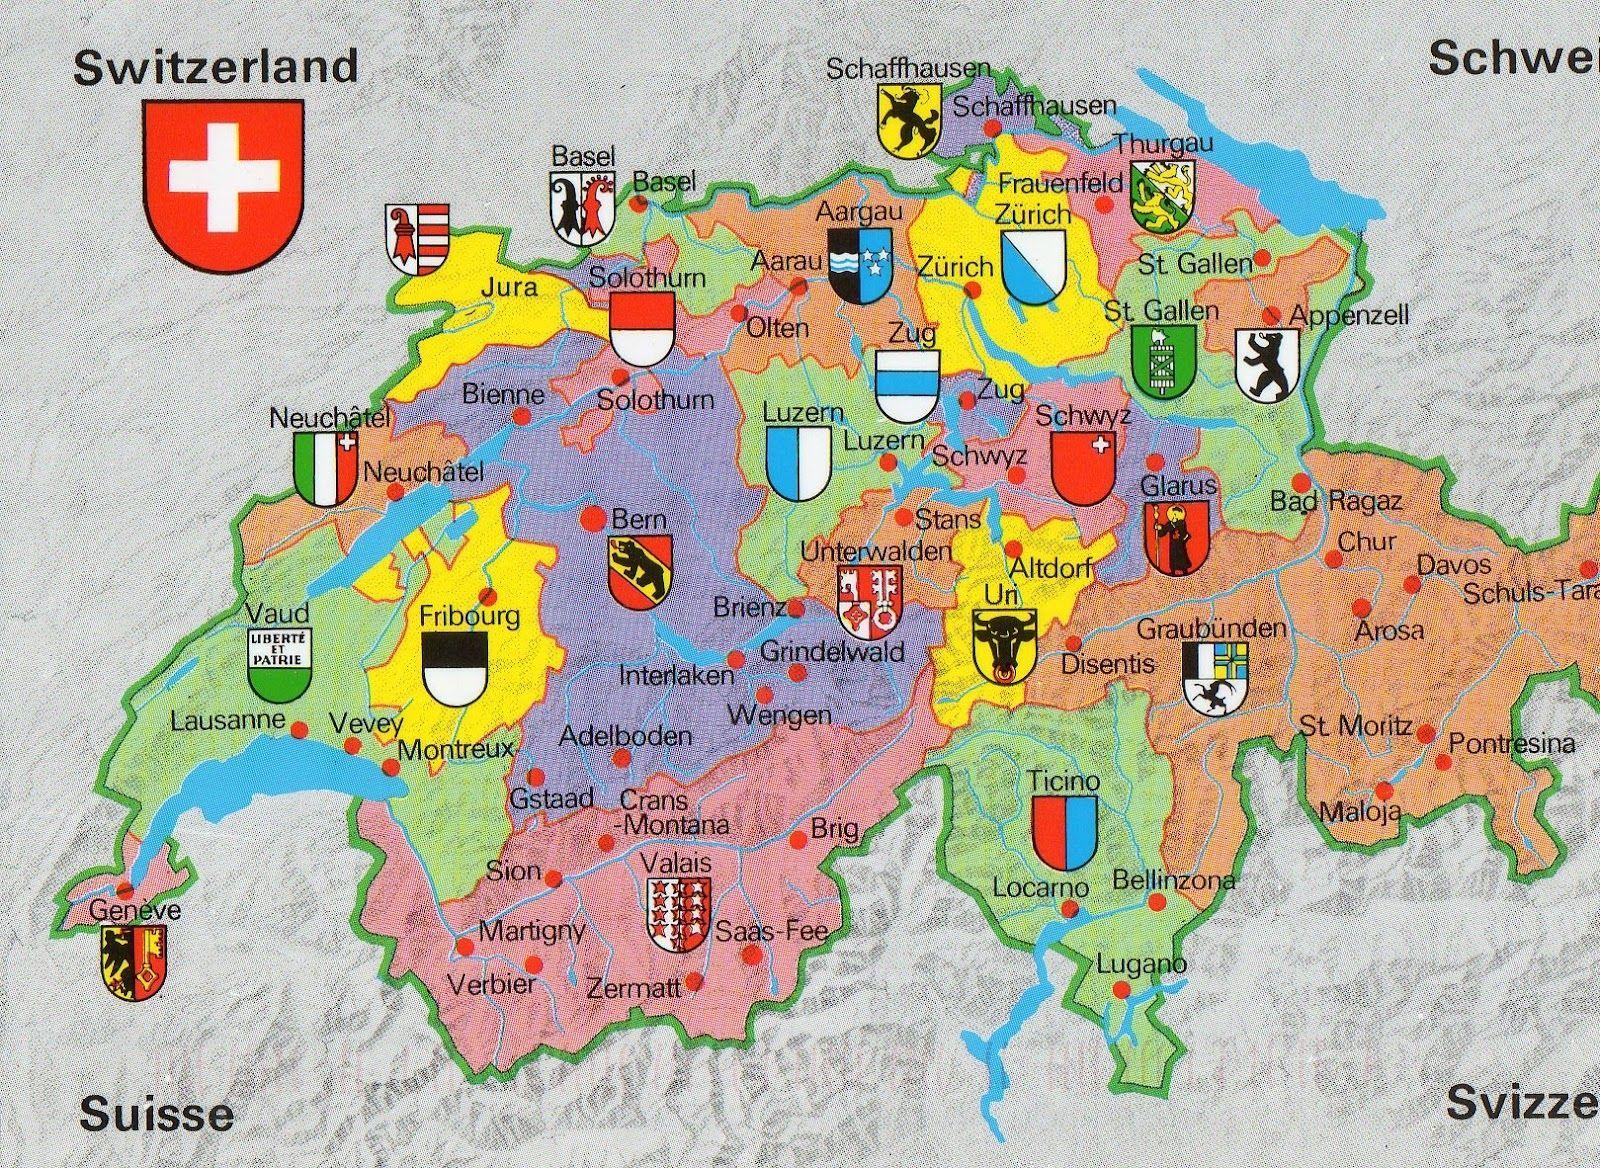 Map of Switzerland and Switzerland Details Maps Resolution 1800 x